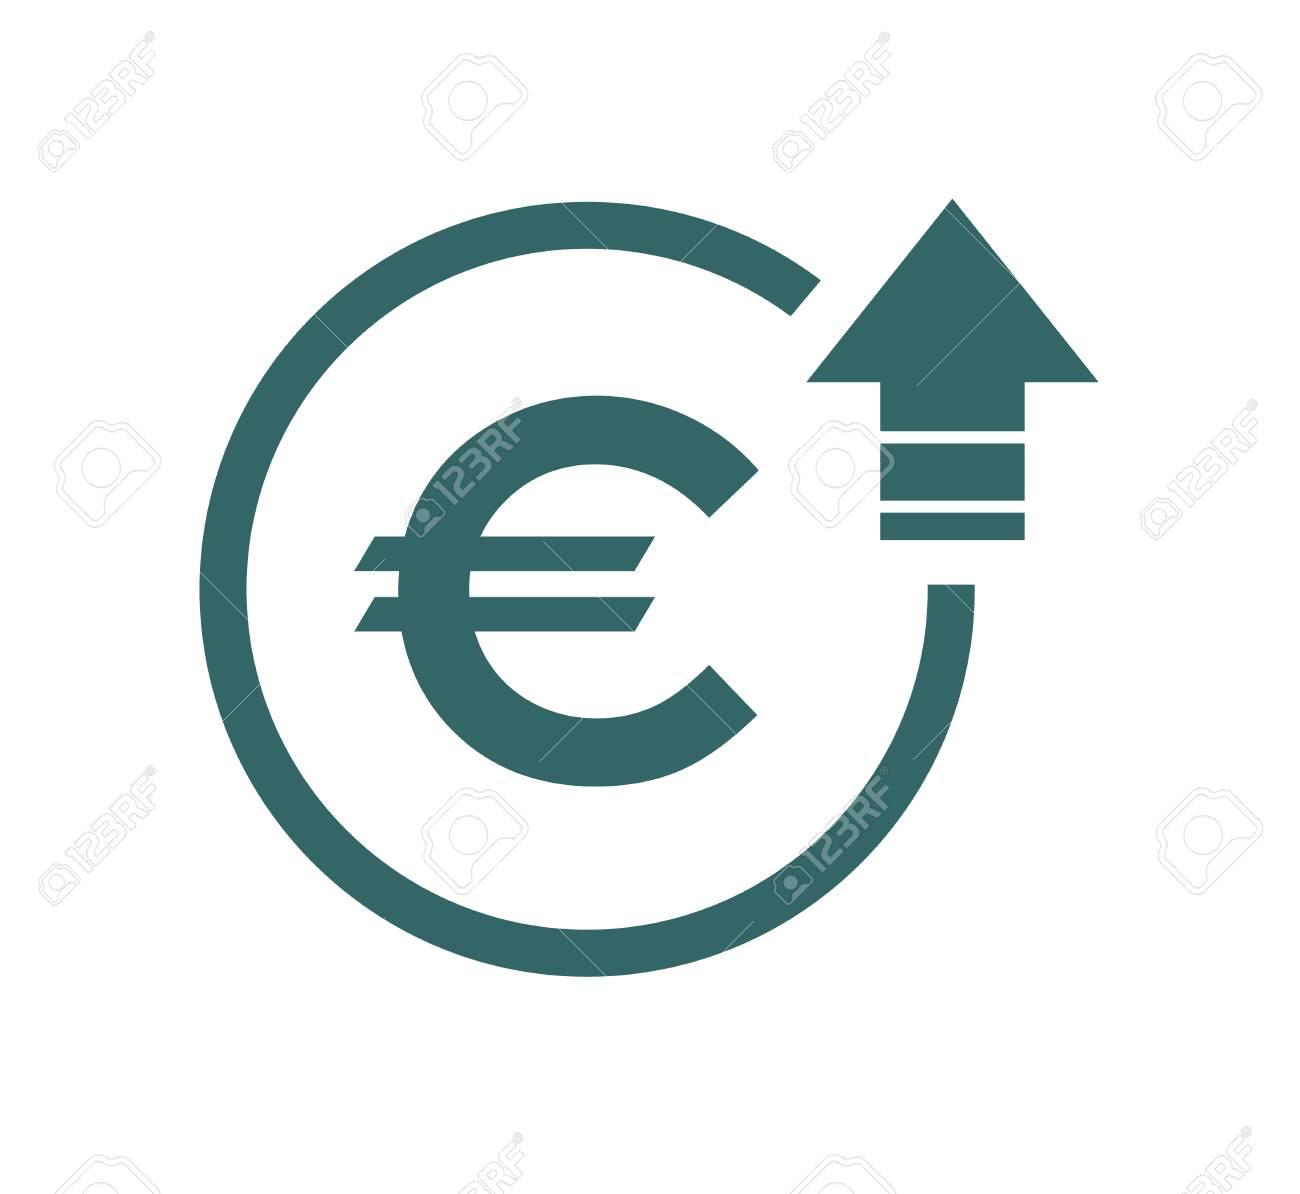 Euro cost как экономить деньги на питание